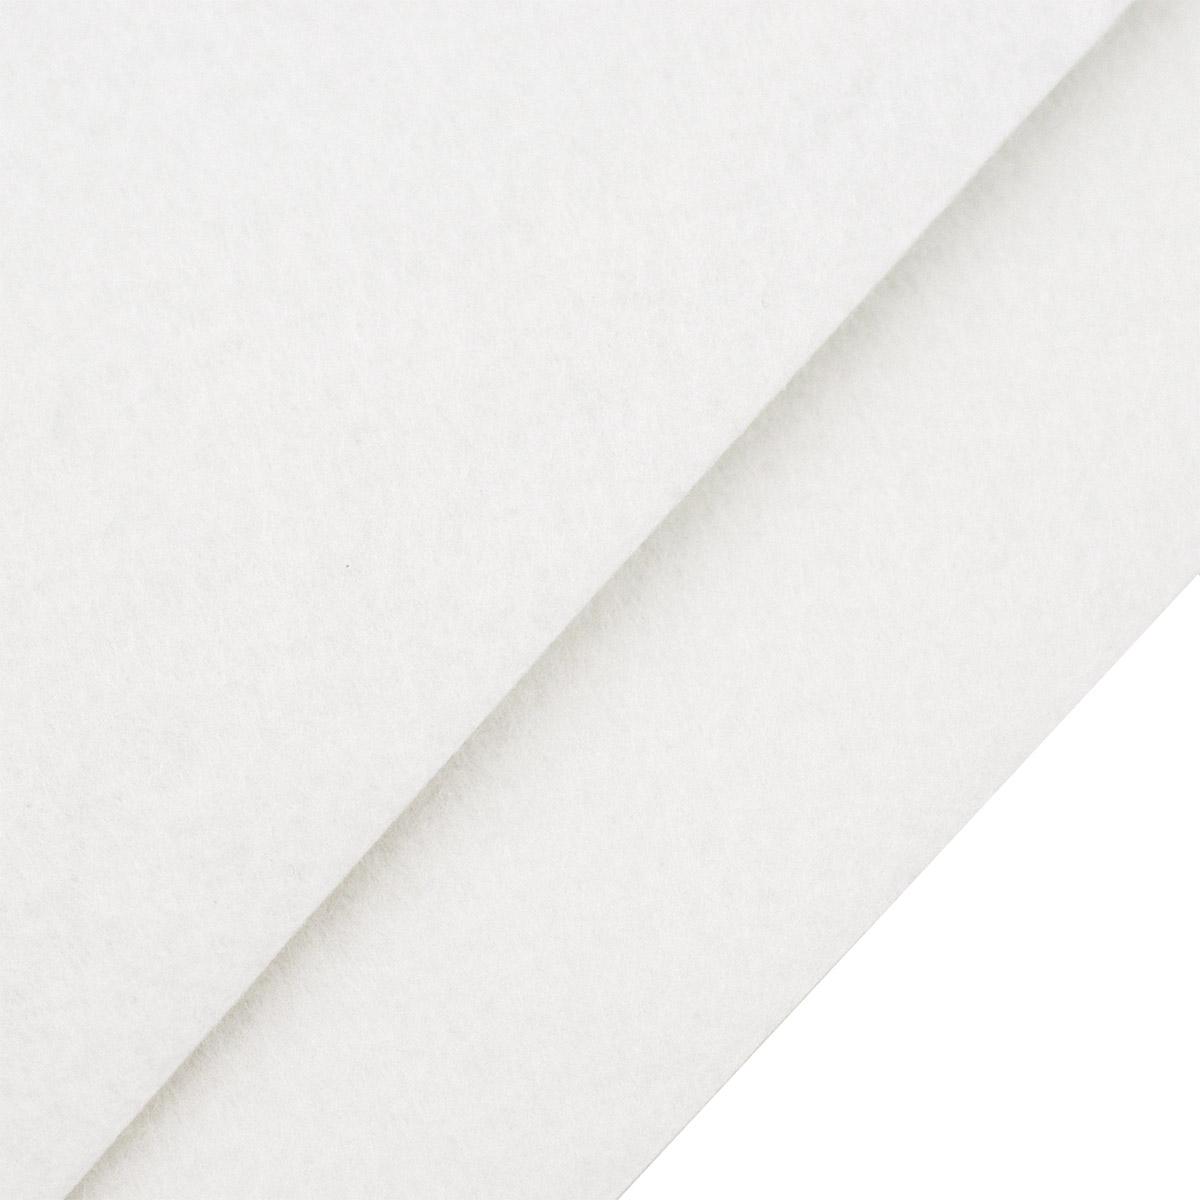 26957 Фетр жёсткий 1,0мм, 20*30 см, 100 % п/э, уп/2шт, белый